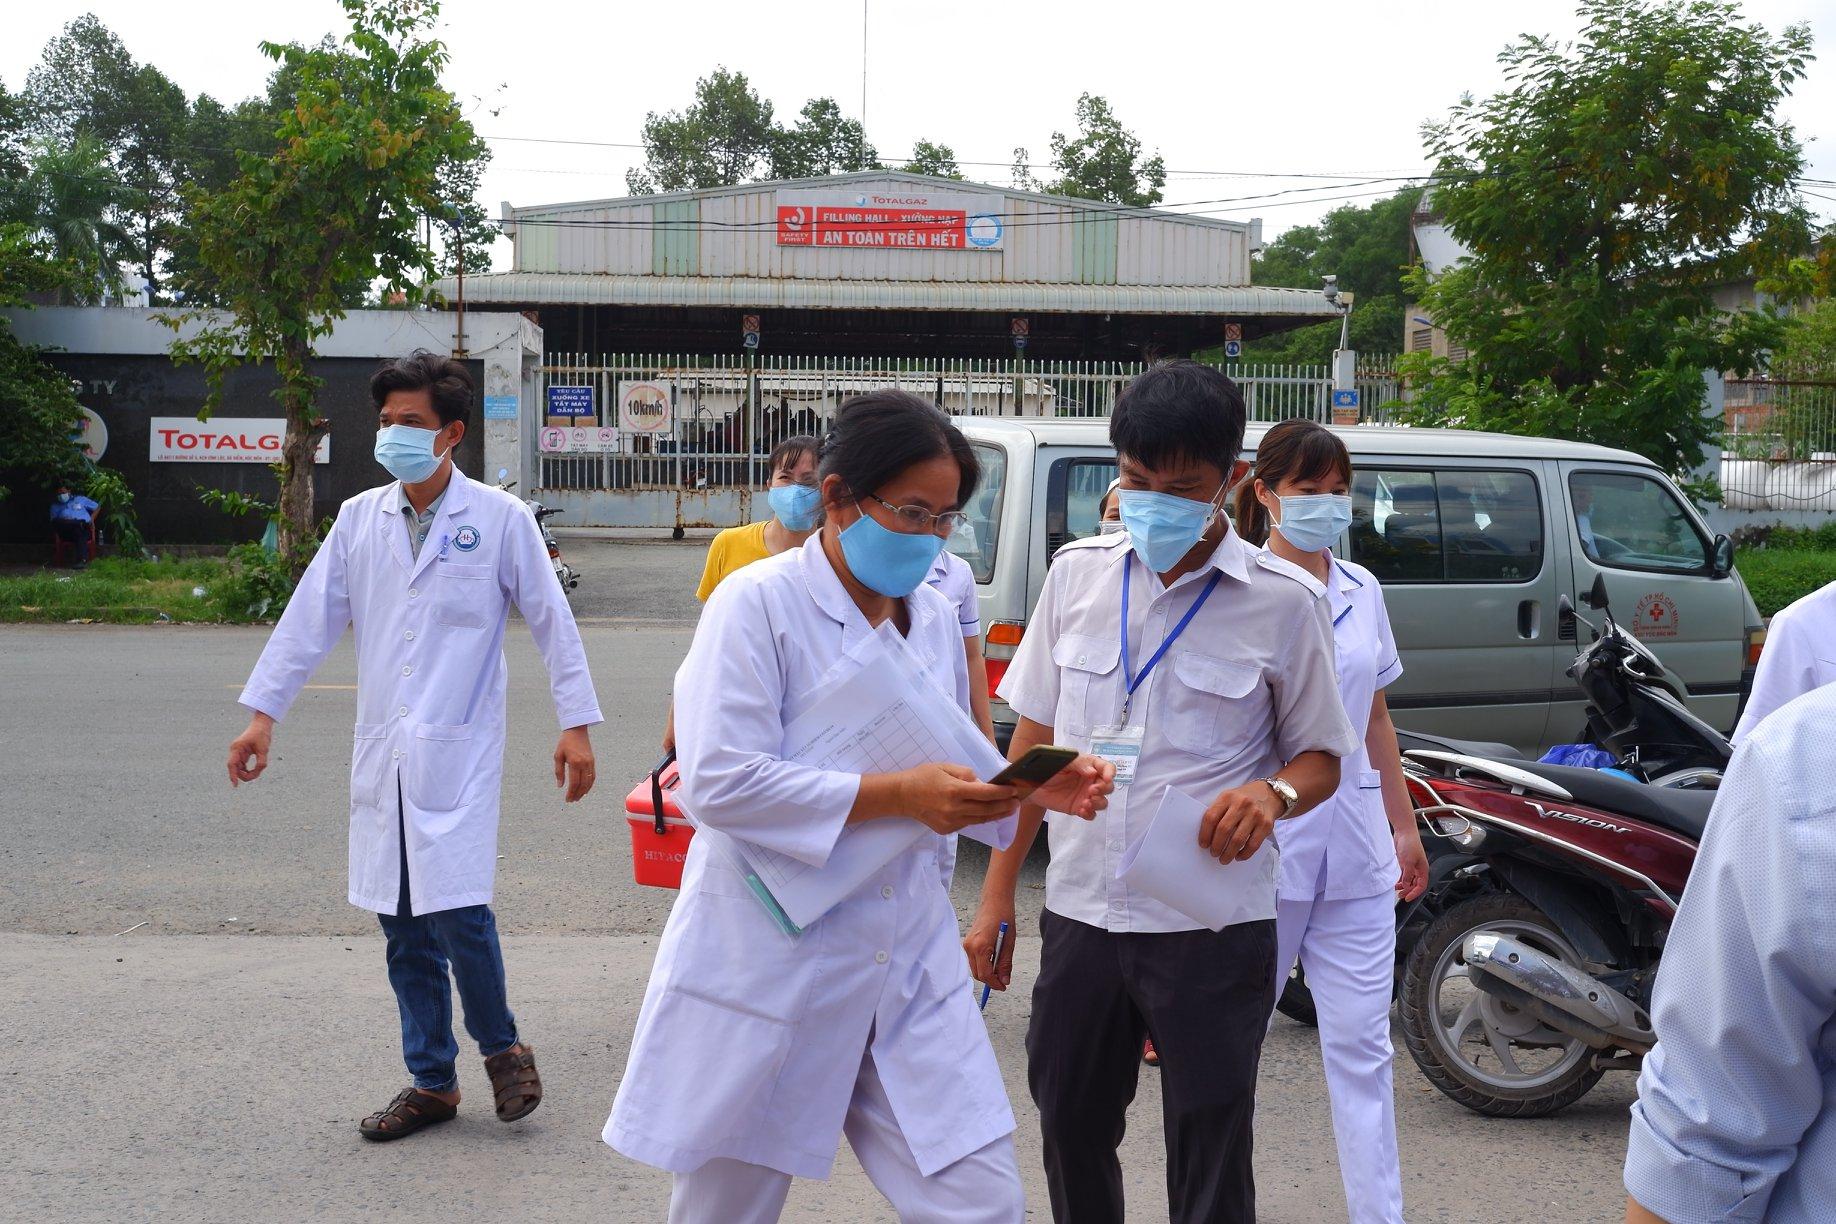 Nhân viên y tế lấy mẫu xét nghiệm cho người tại kho hàng khu công nghiệp Vĩnh Lôc